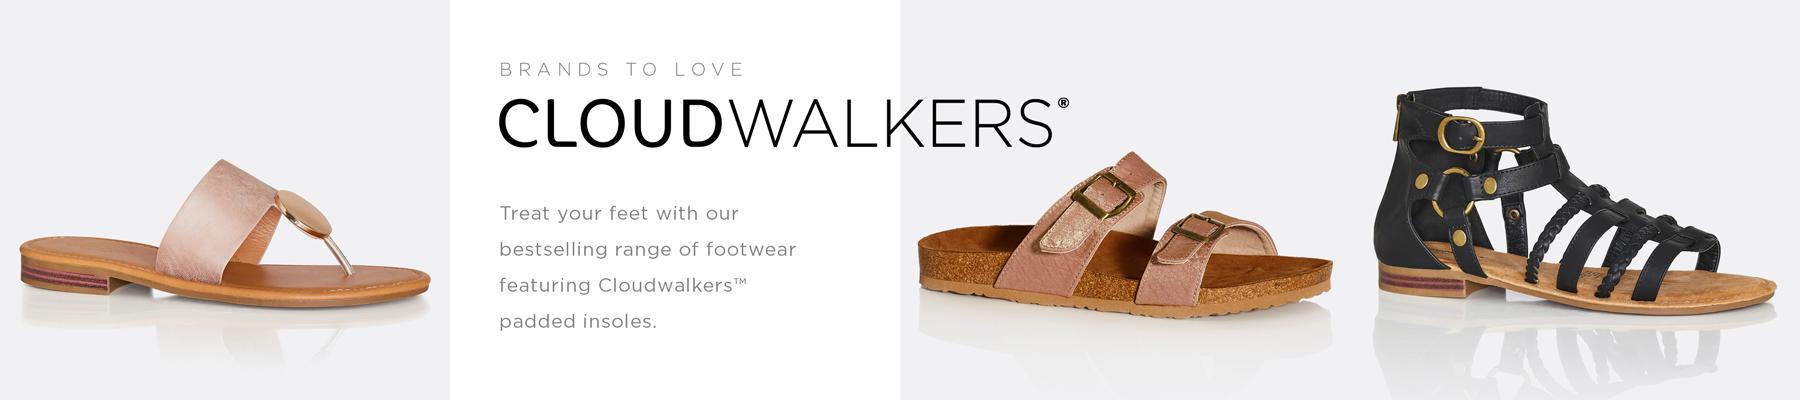 Cloudwalkers - Brands to Love